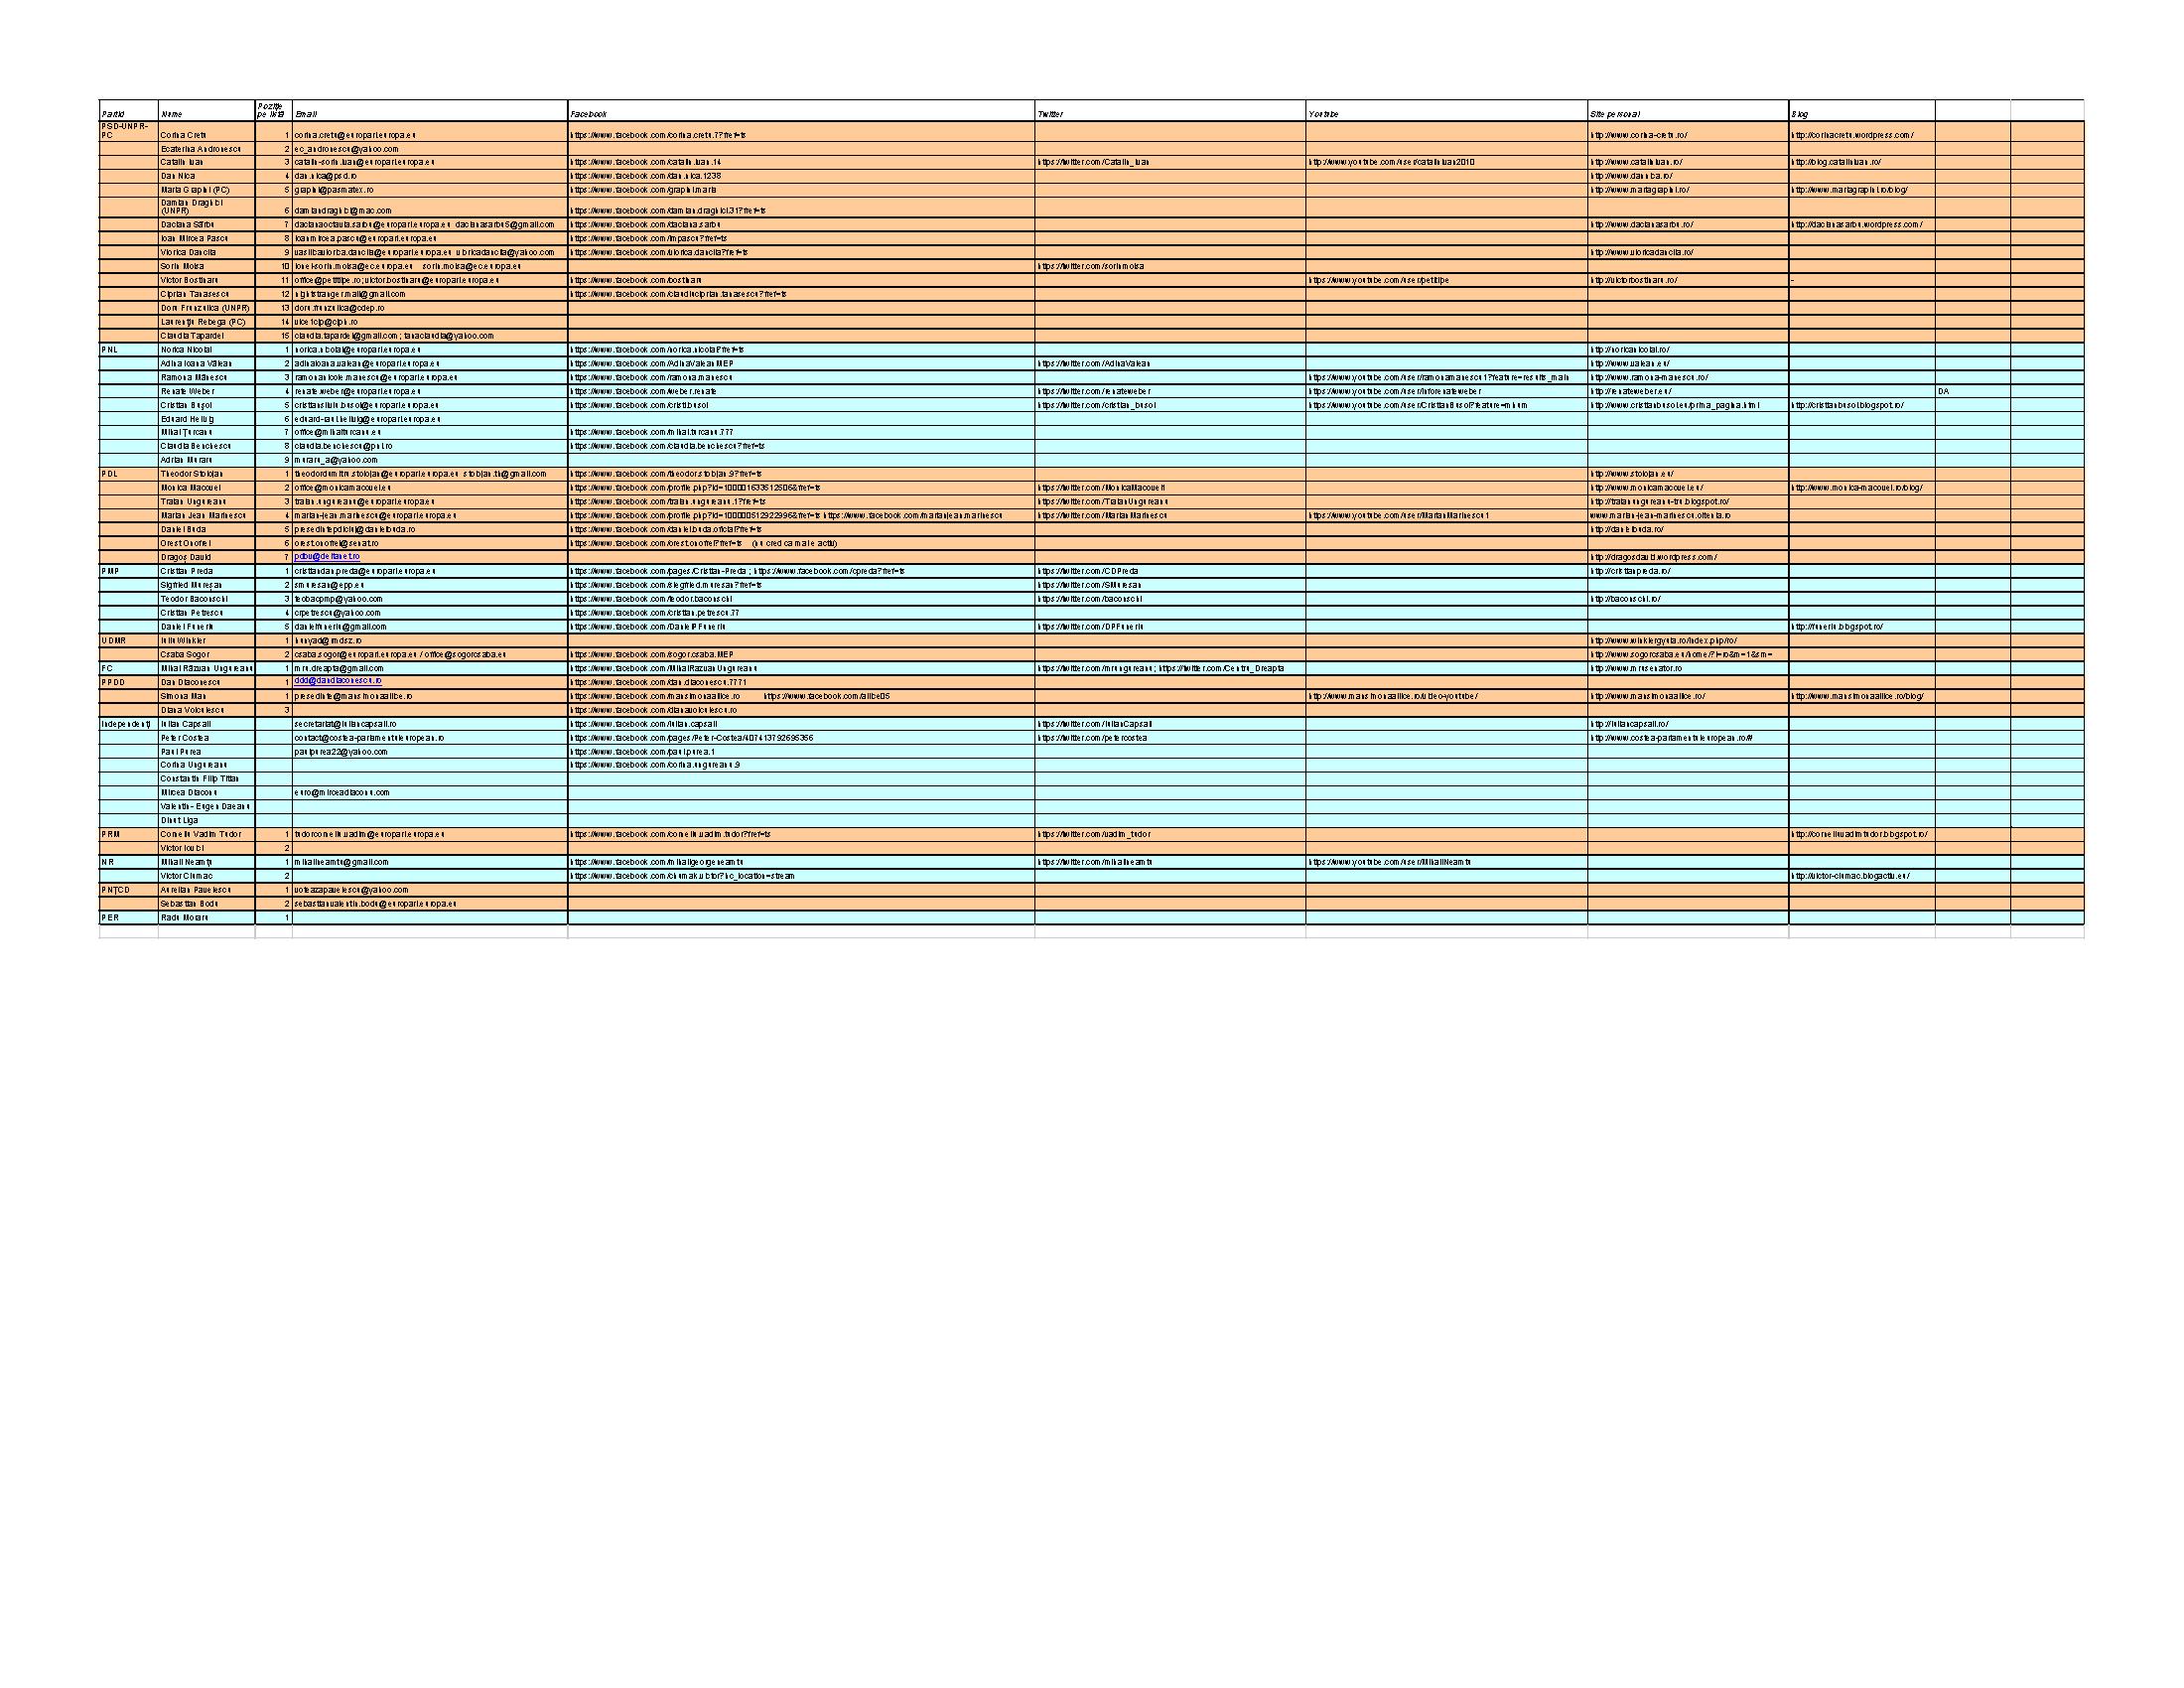 Lista candidatilor la alegerile europarlamentare 2014